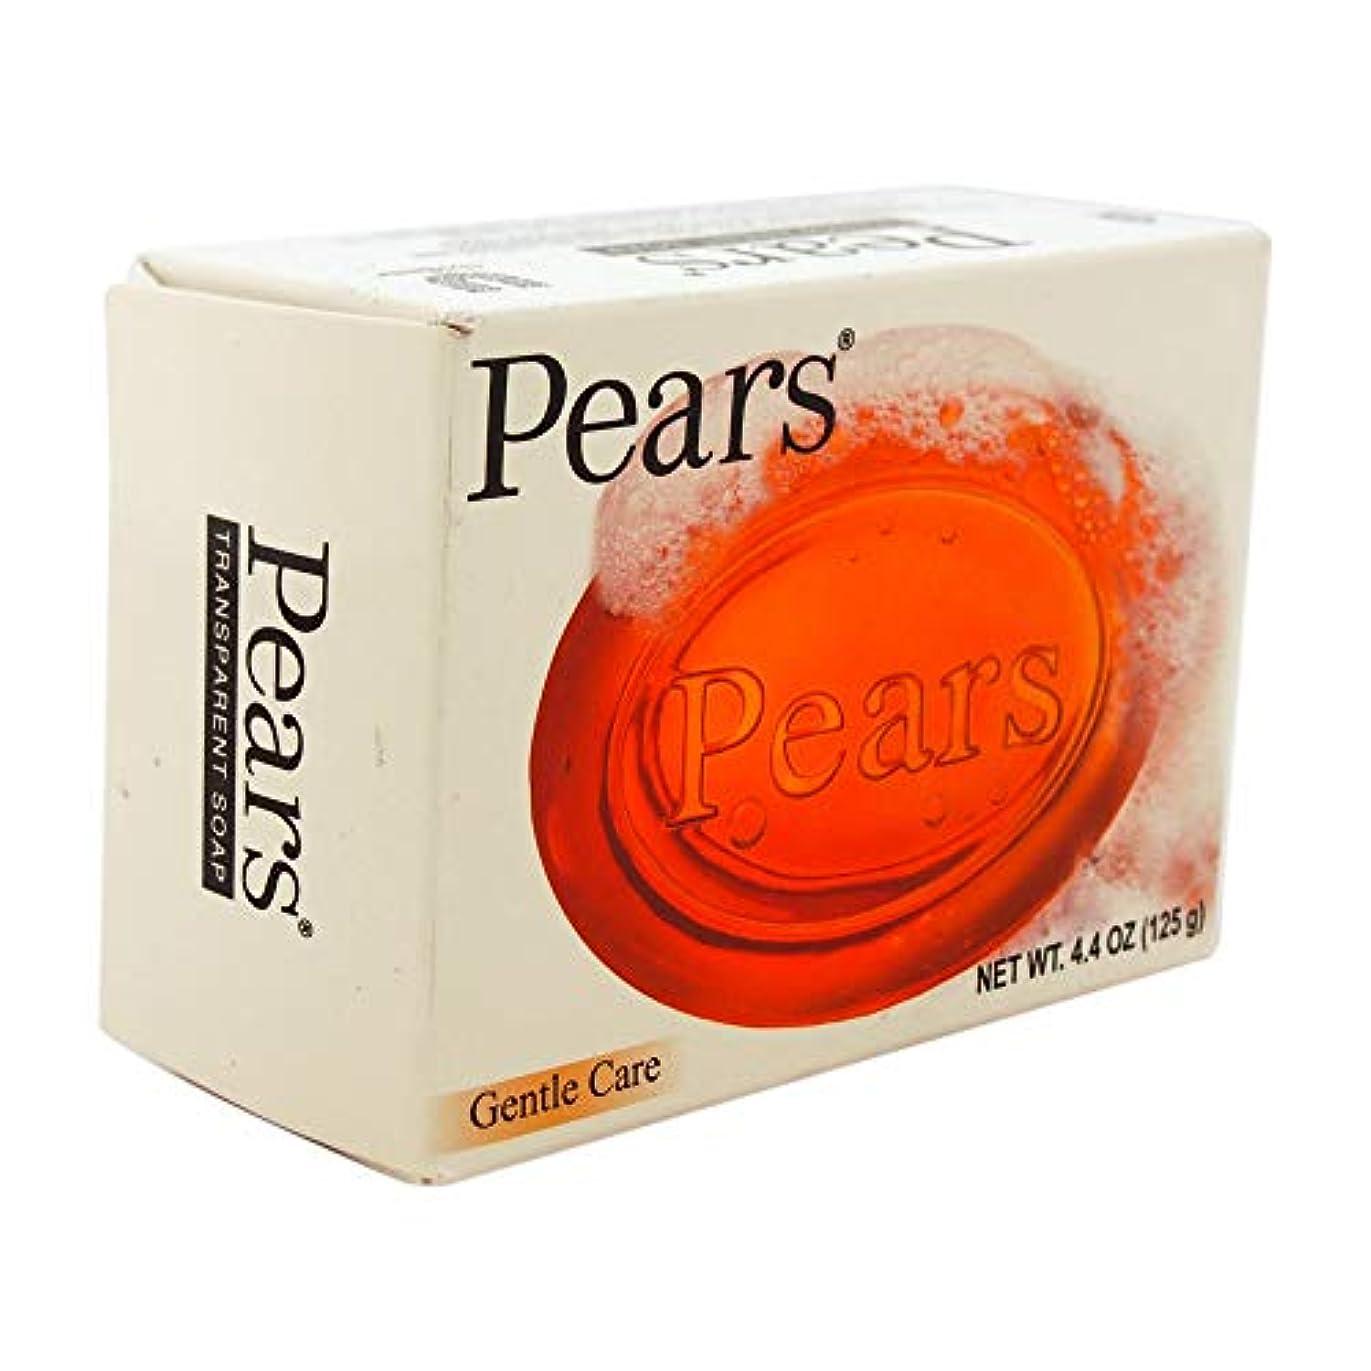 最適最もモールス信号Pears ソープジェントルケア透明4.4オズ(5パック) 5パック